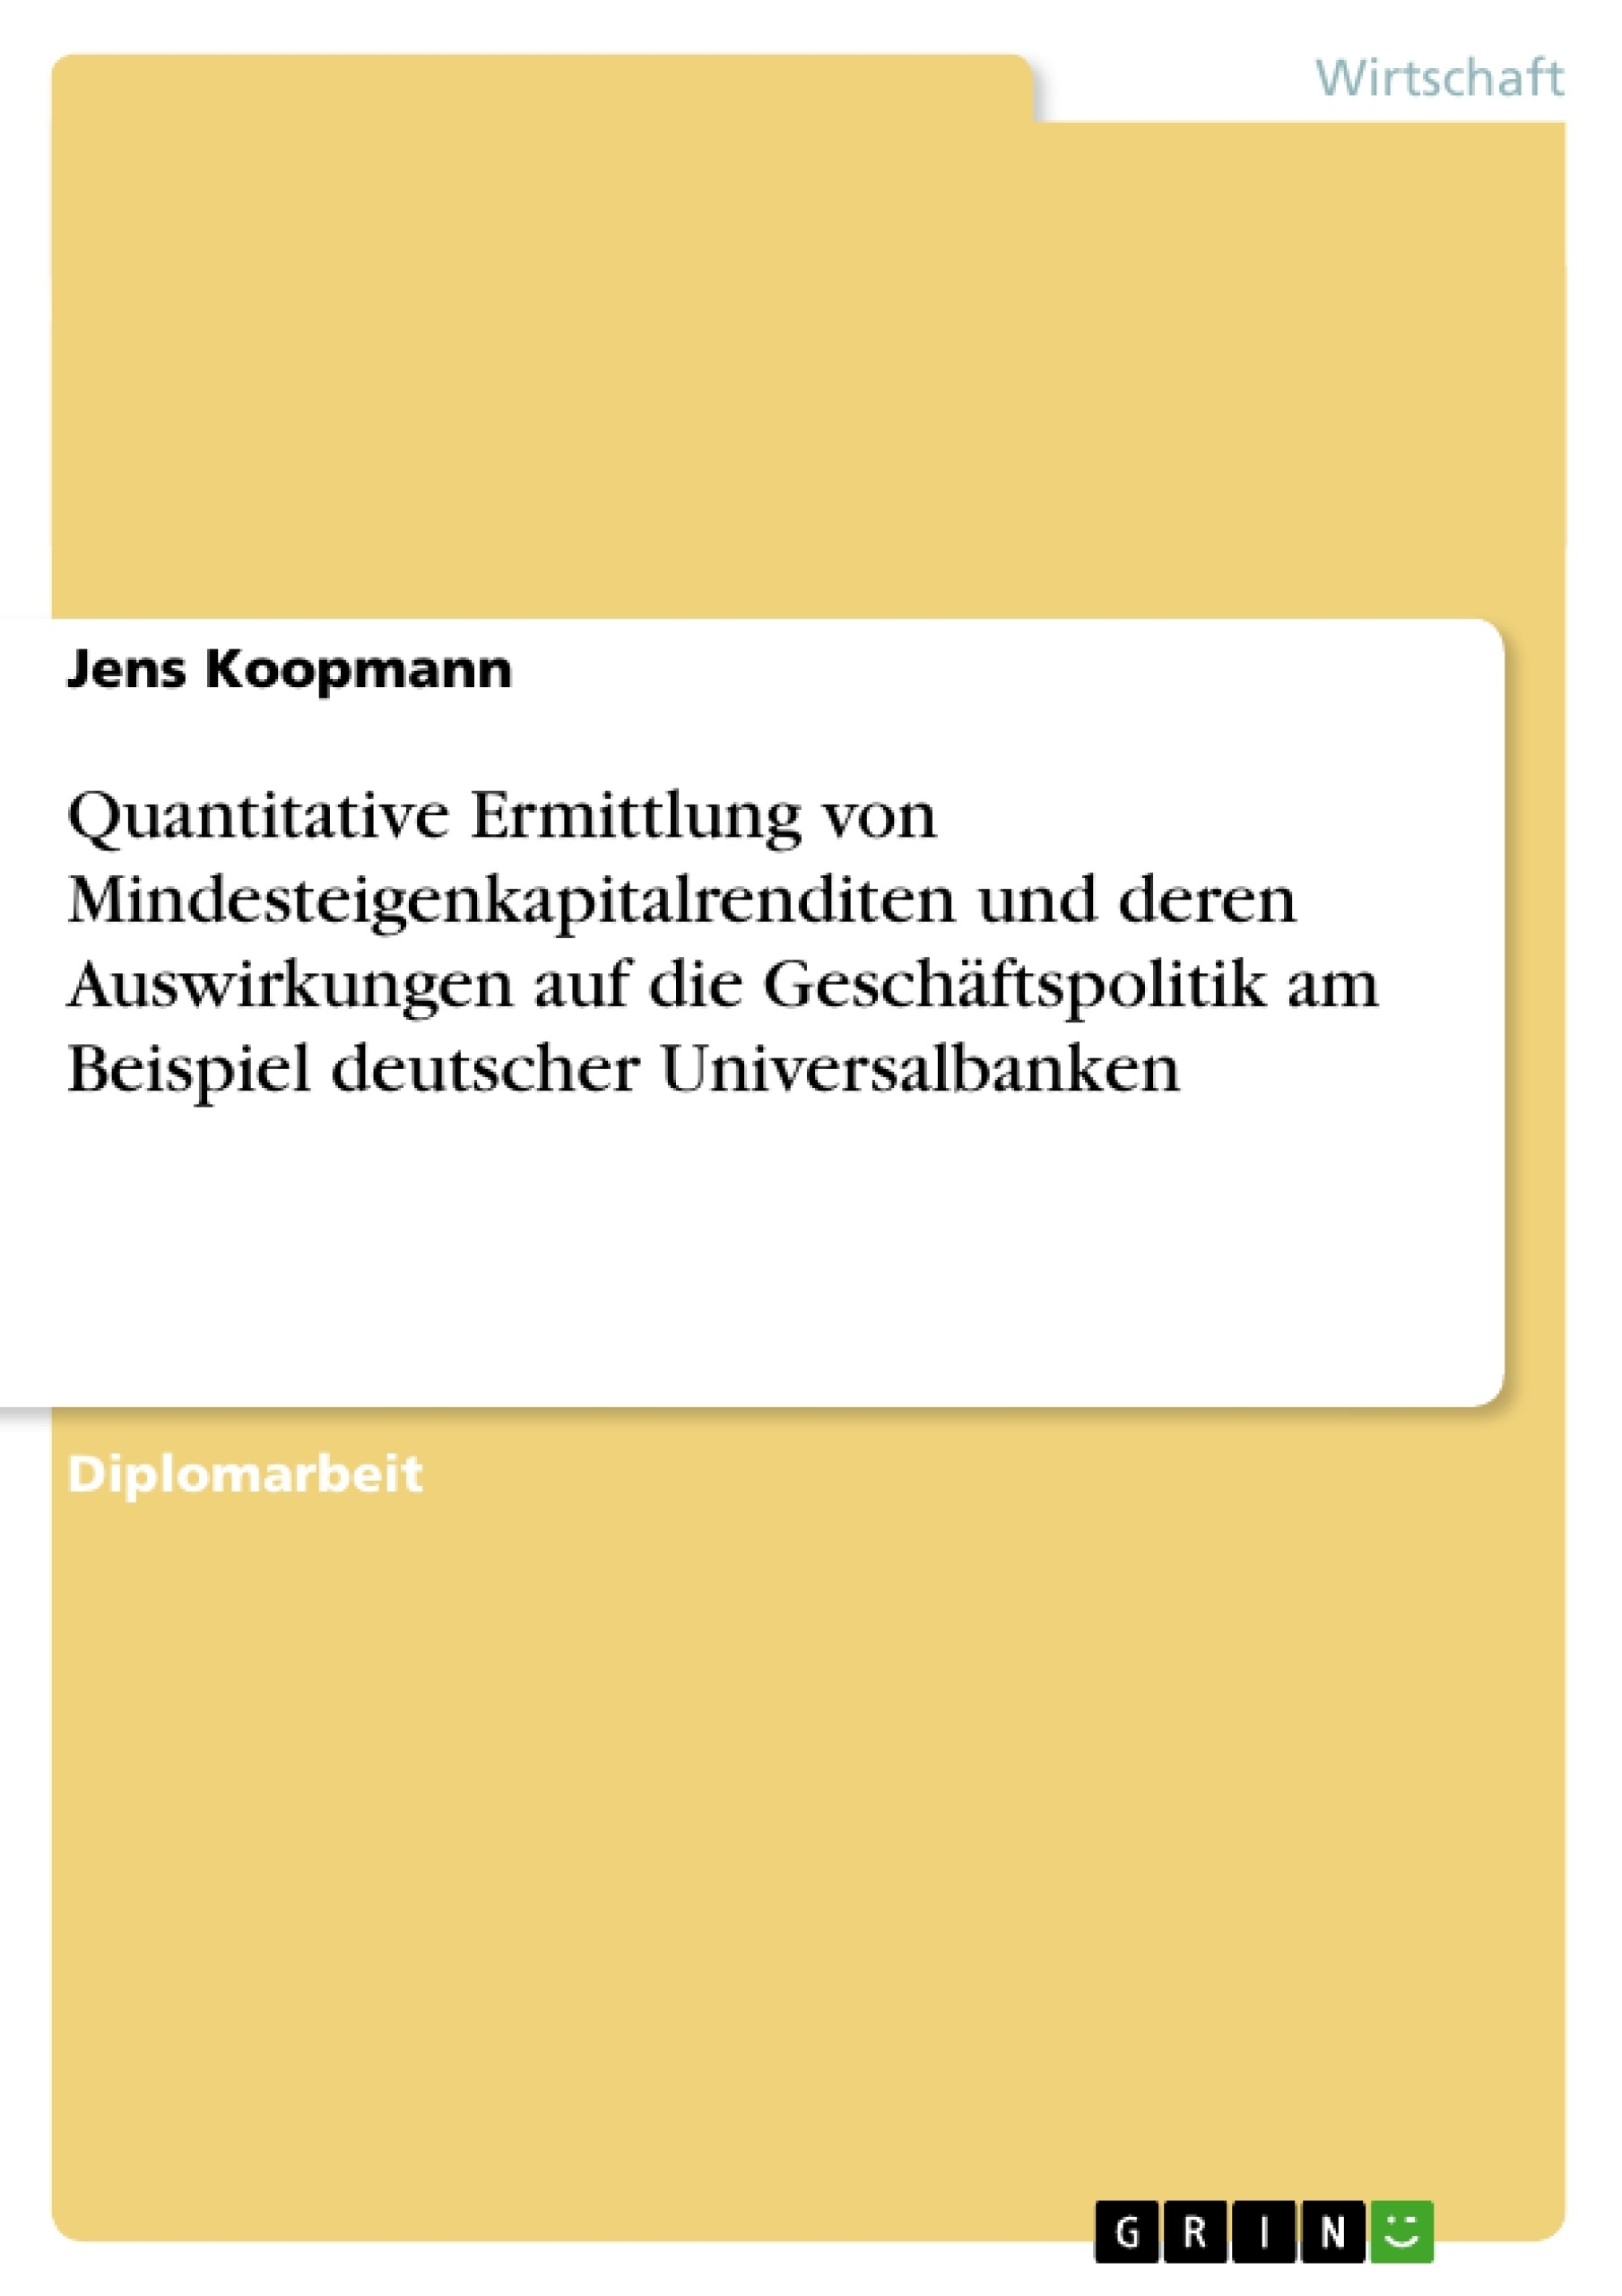 Titel: Quantitative Ermittlung von Mindesteigenkapitalrenditen und deren Auswirkungen auf die Geschäftspolitik am Beispiel deutscher Universalbanken